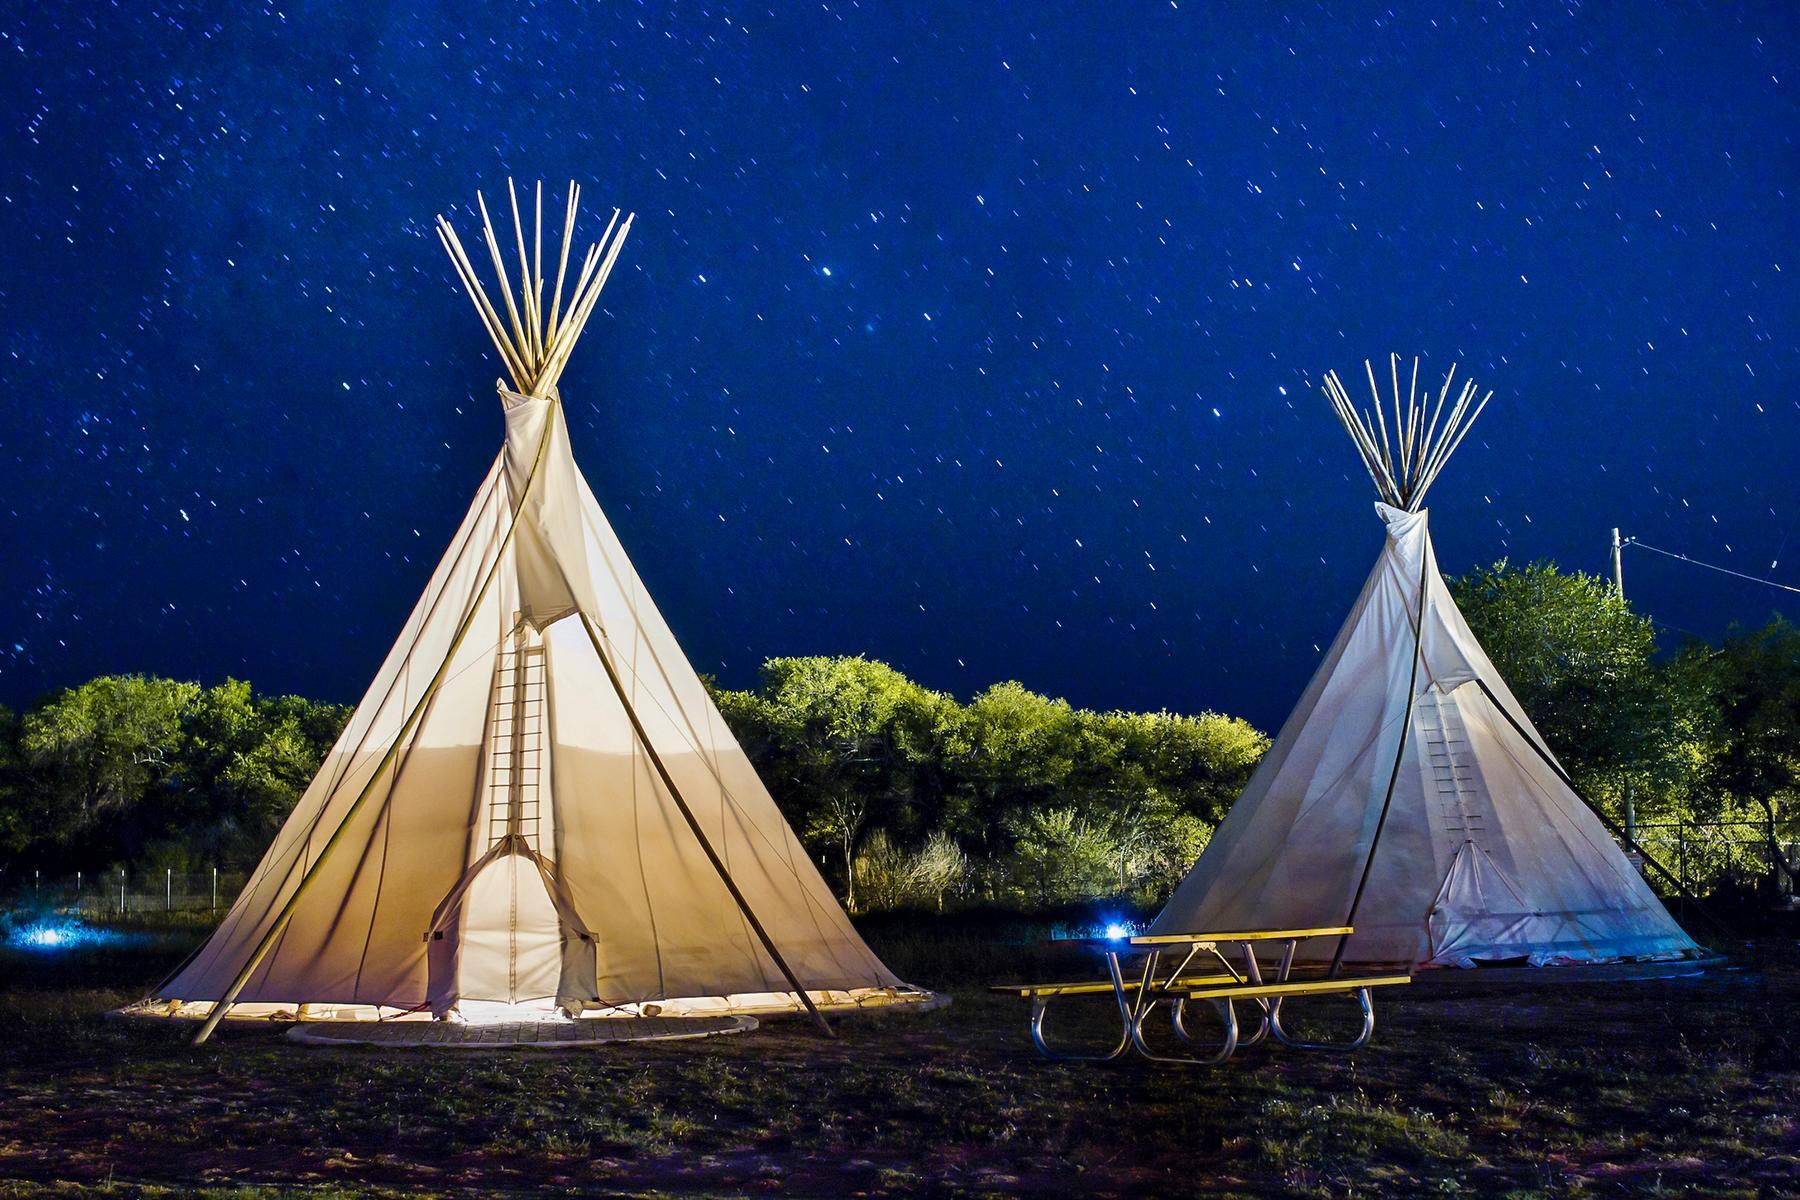 14_AdevnturousBabymoons__SeetheMarfaLights_14.) El Cosmico - Teepee at Night - Nick Simonite